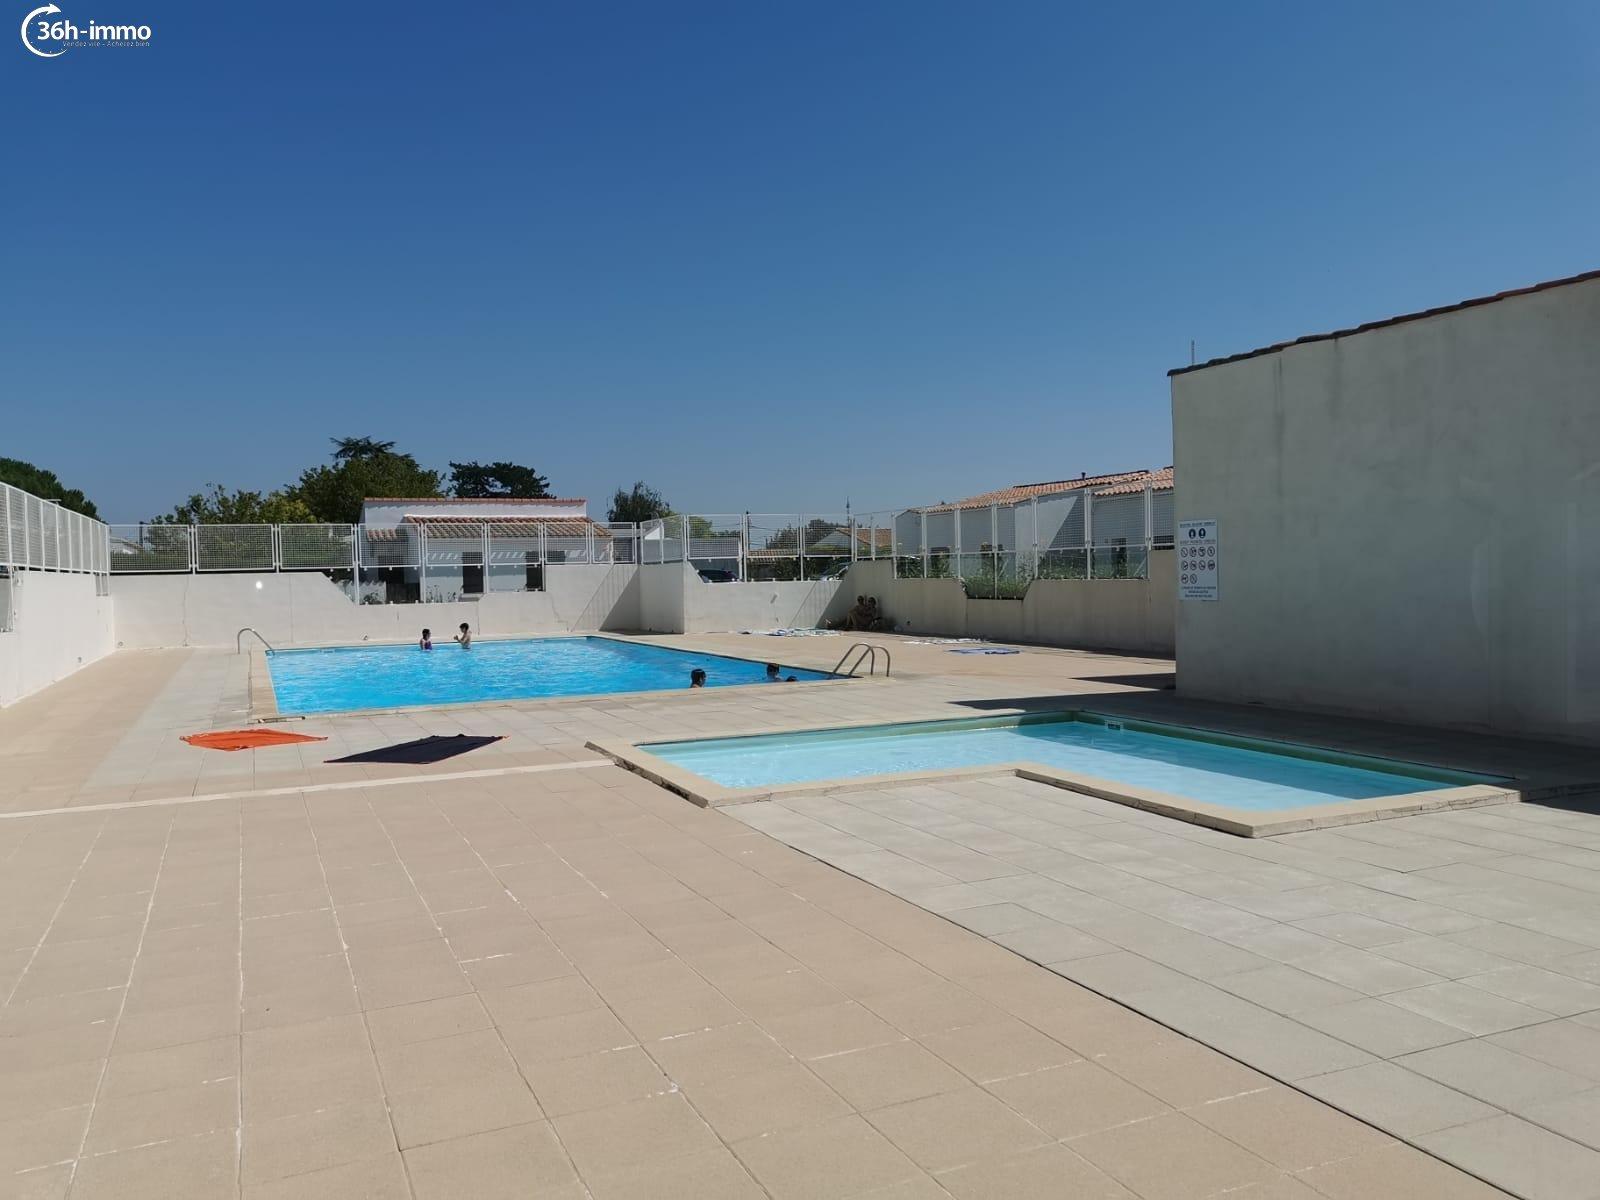 Appartement Saint-Palais-sur-Mer 17420 Charente-Maritime 29 m<sup>2</sup> 2 pi&eagrave;ces 85000 euros